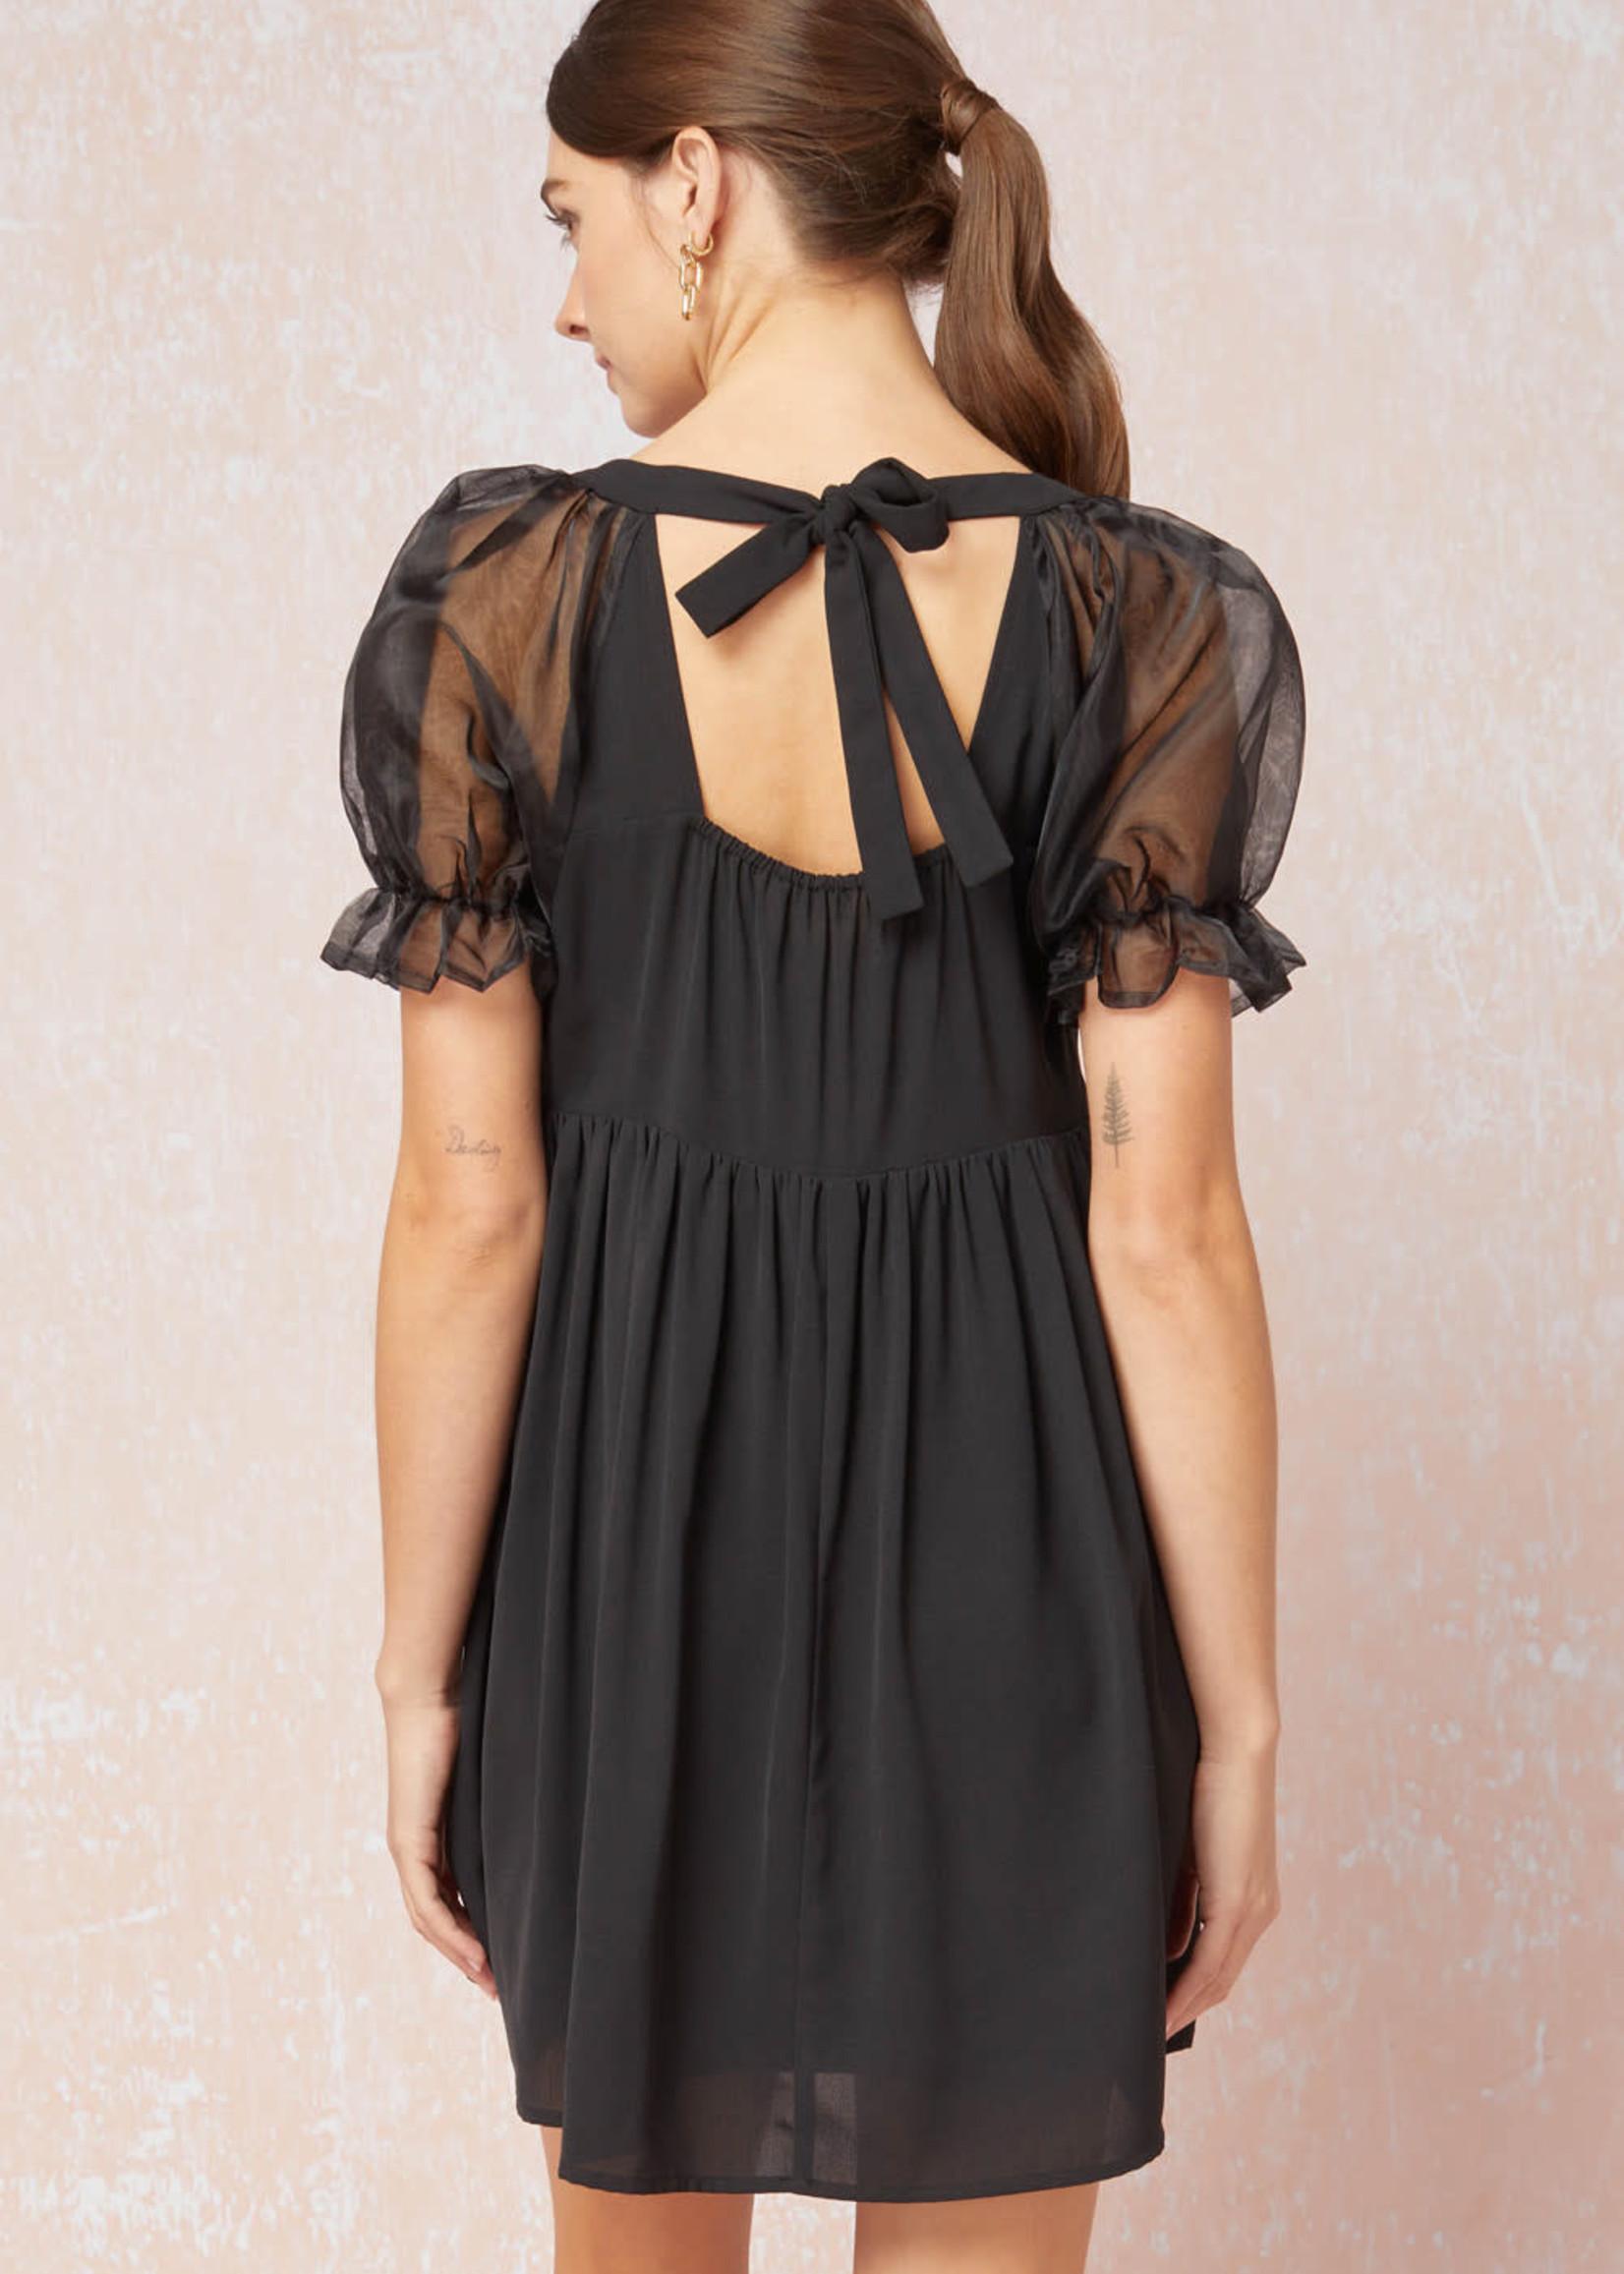 Sheer Delight Dress